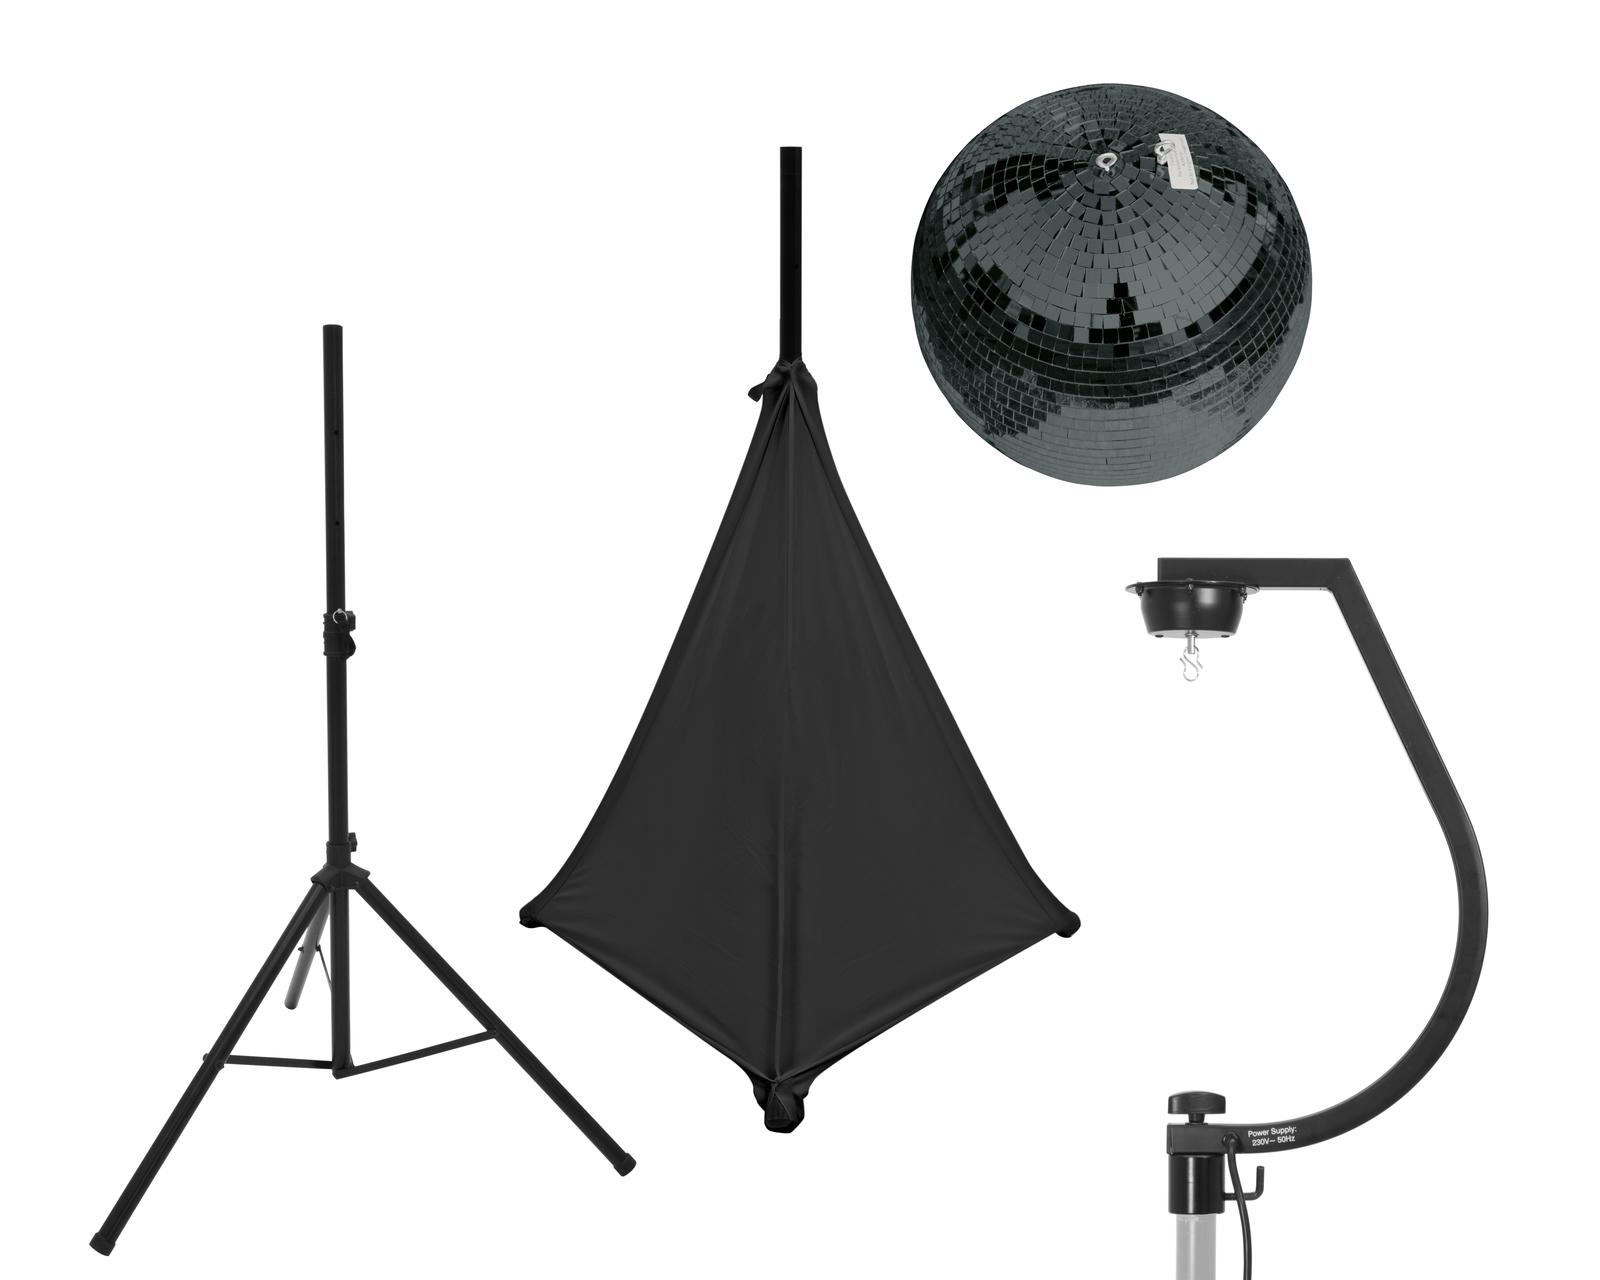 EUROLITE Set Spiegelkugel 30cm schwarz mit Stativ und Segel schwarz